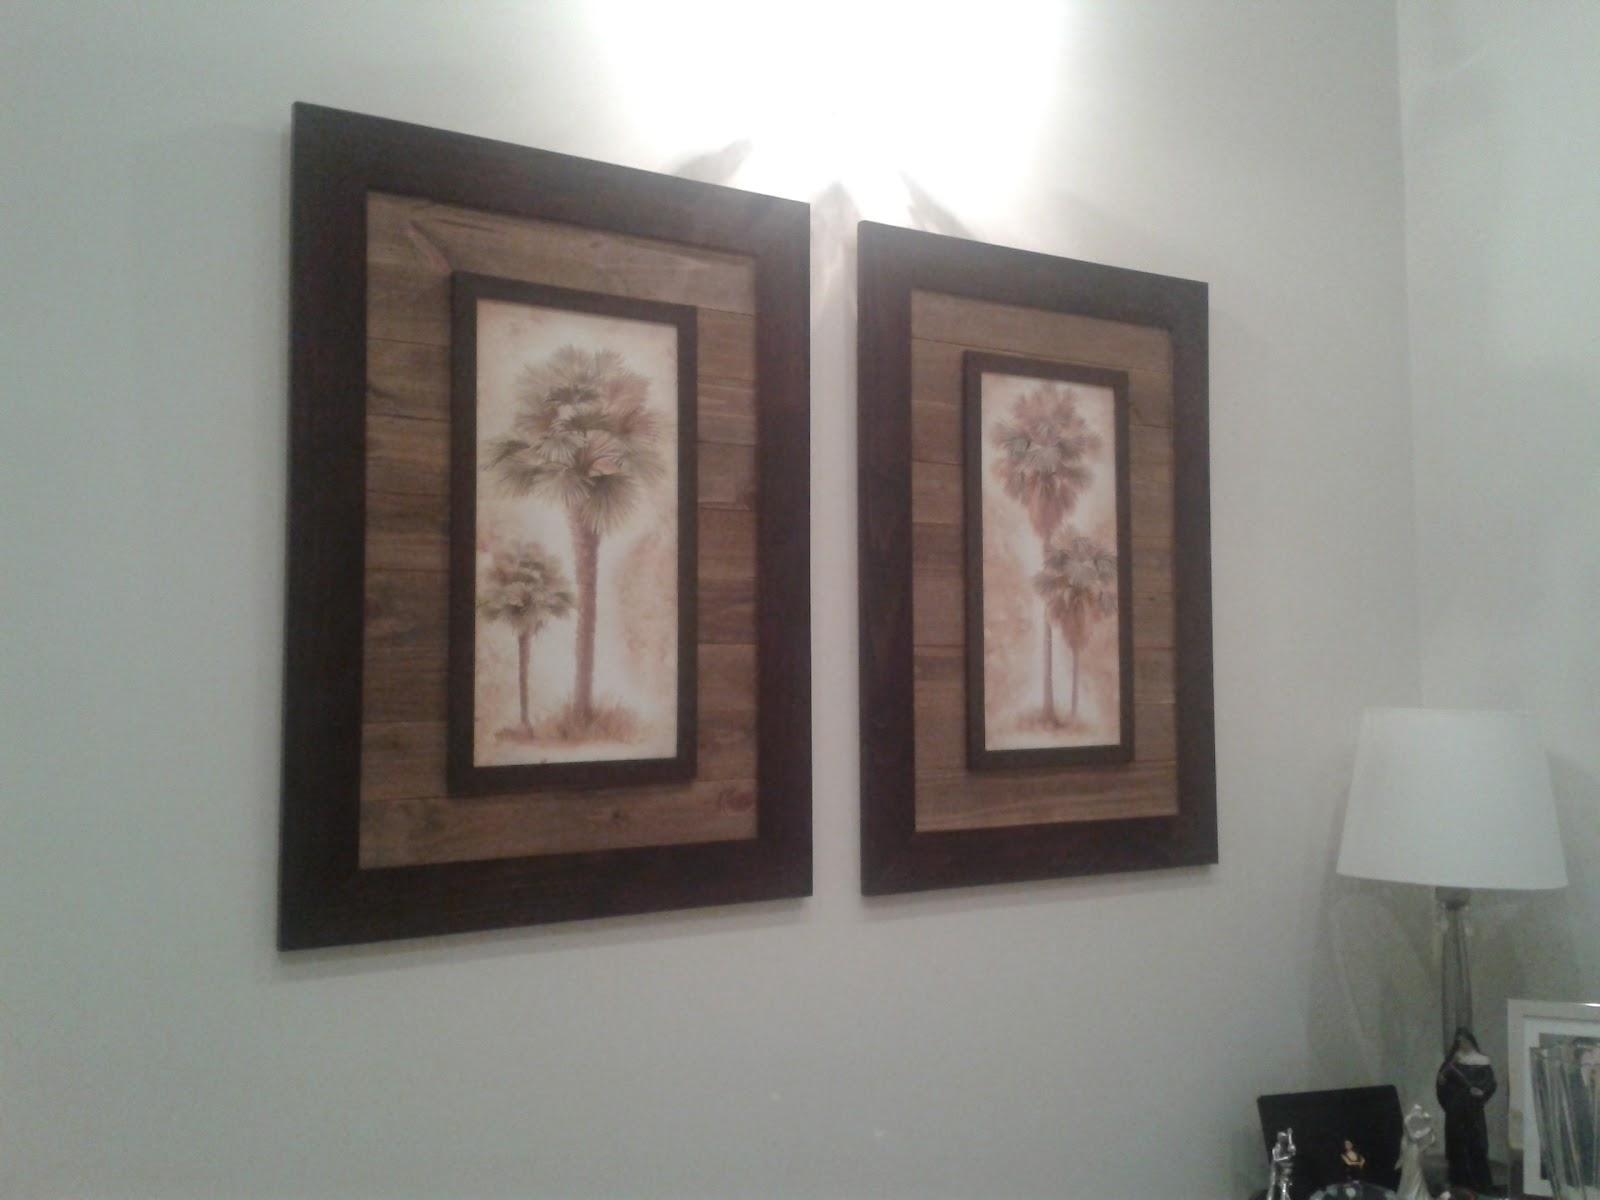 #5F4B44 gravuras de plantas com moldura tabaco e paspatur de madeira de  1600x1200 píxeis em Decoração Sala De Estar Quadros